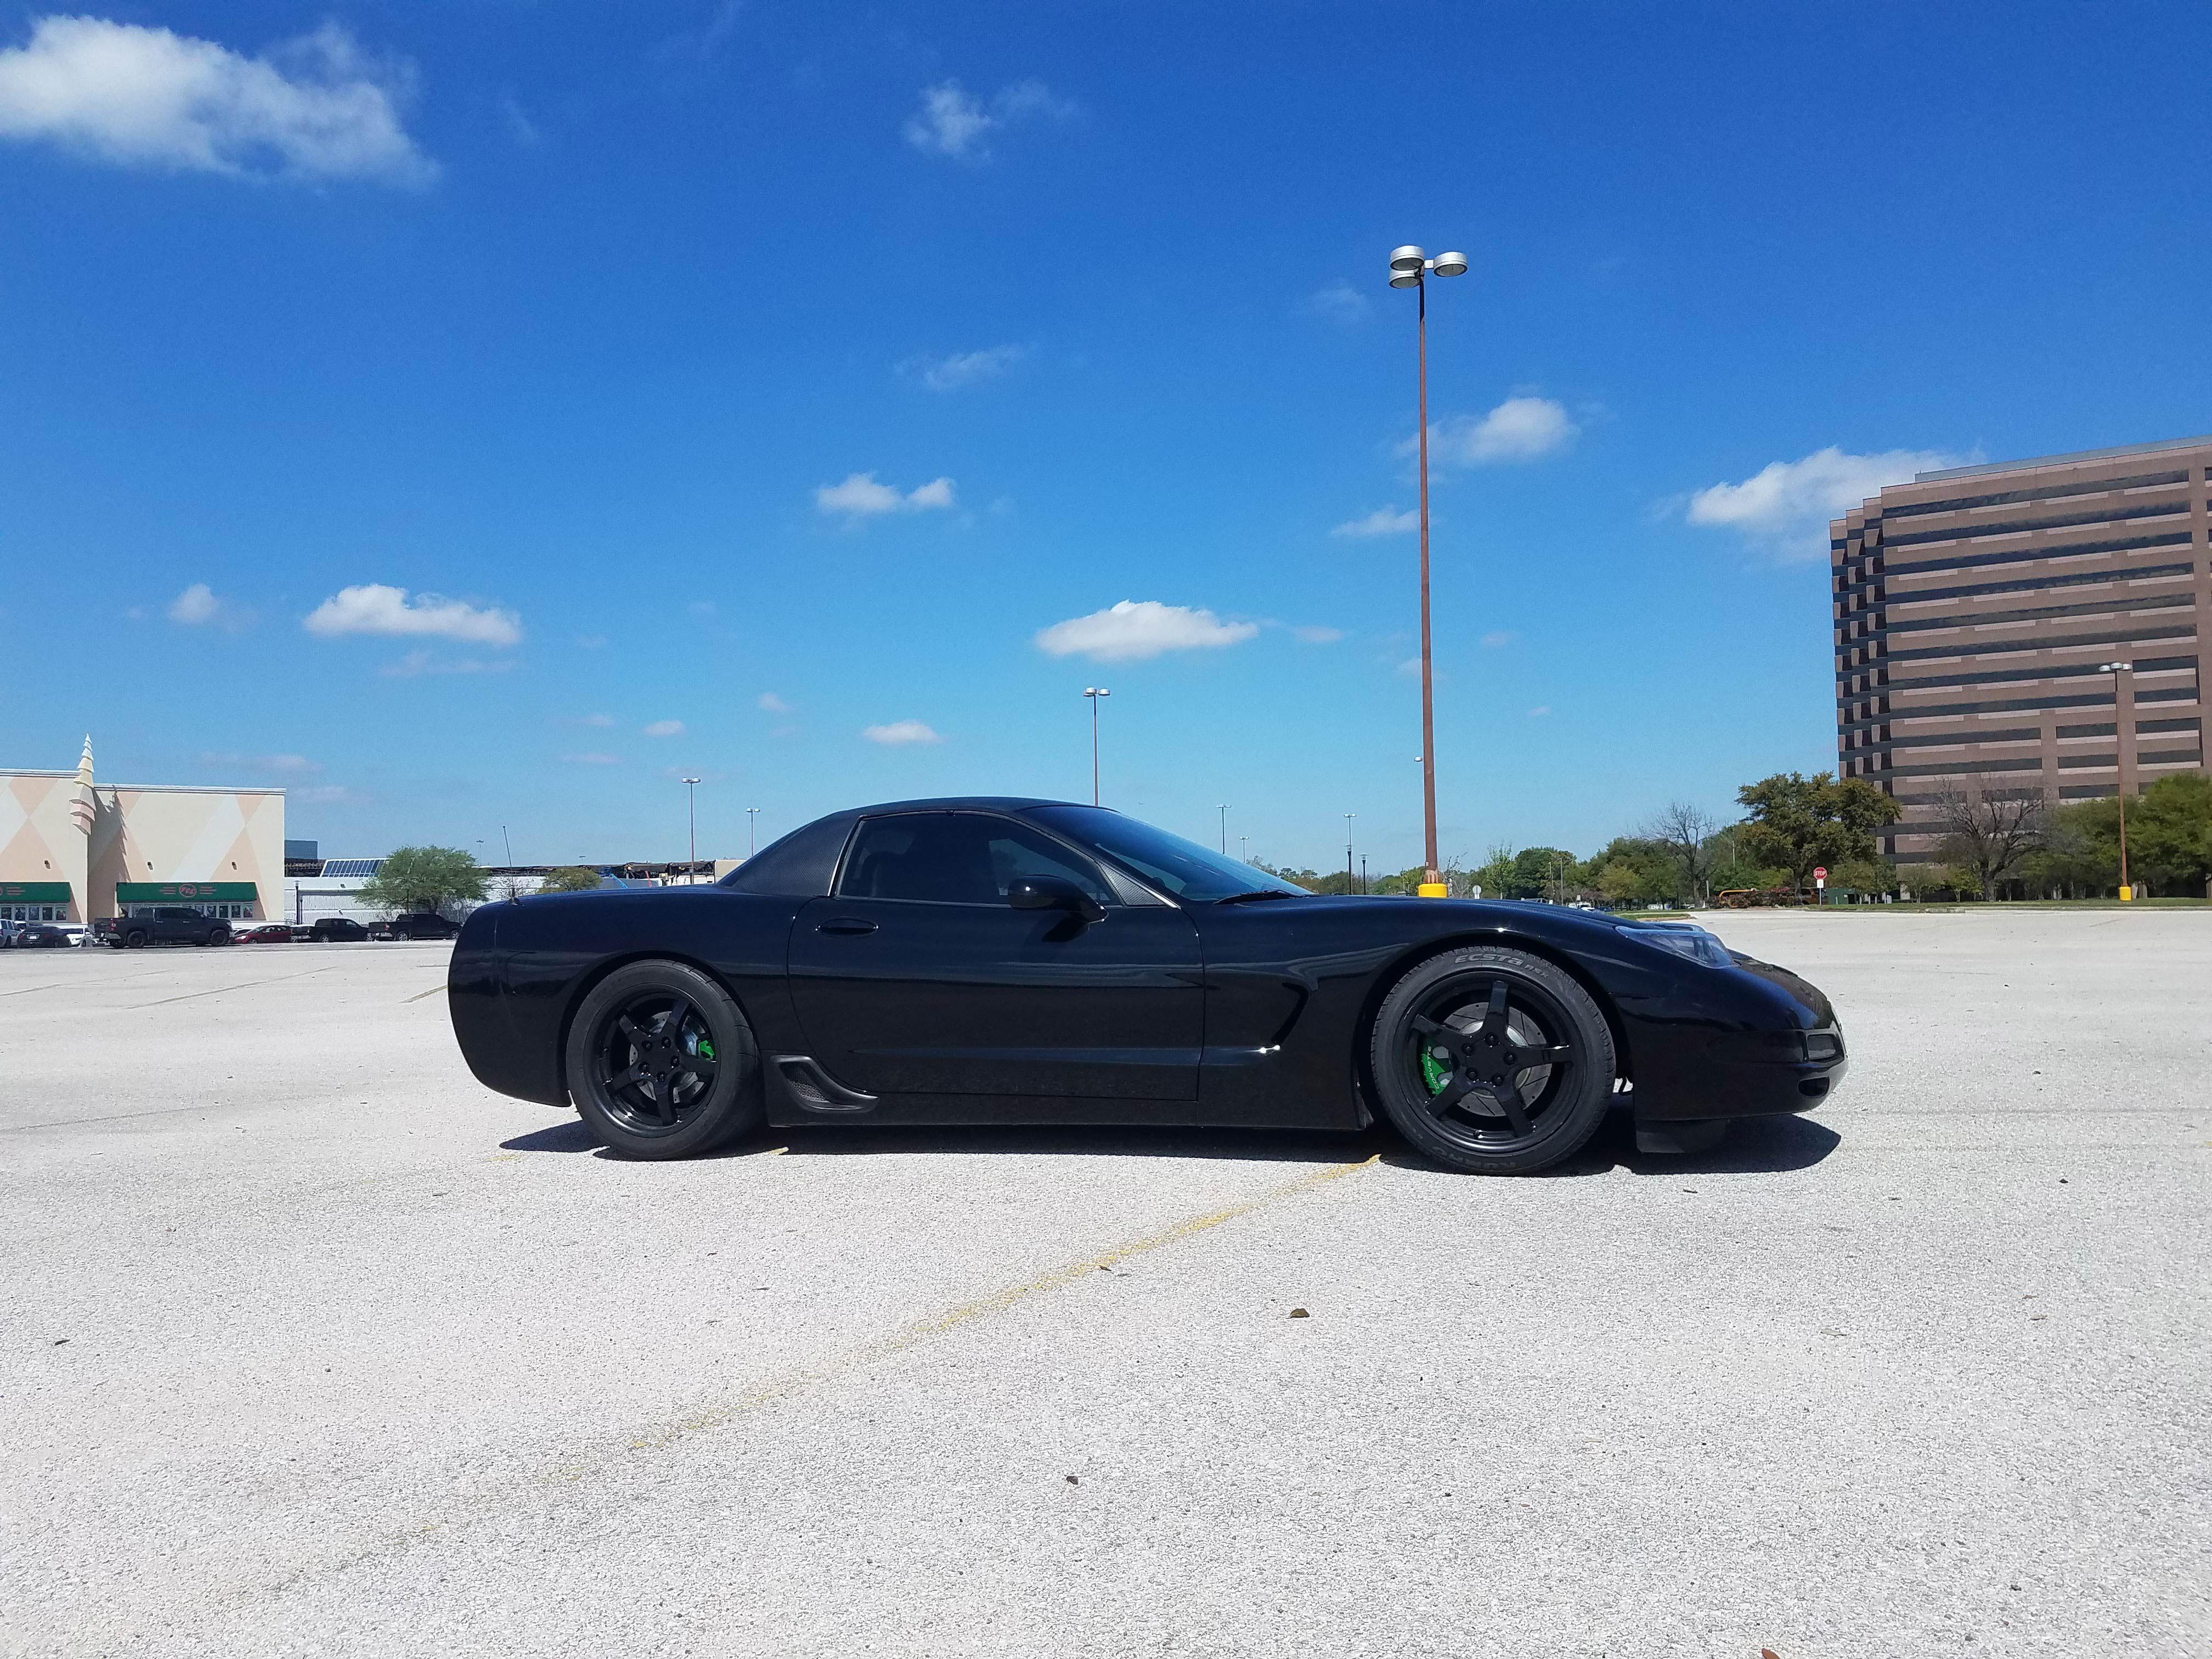 Fits Corvette C5 Rims Cv05 Dd Black Corvette Wheels 18x10 5 18x9 5 Staggered Black Corvette Corvette Corvette C5